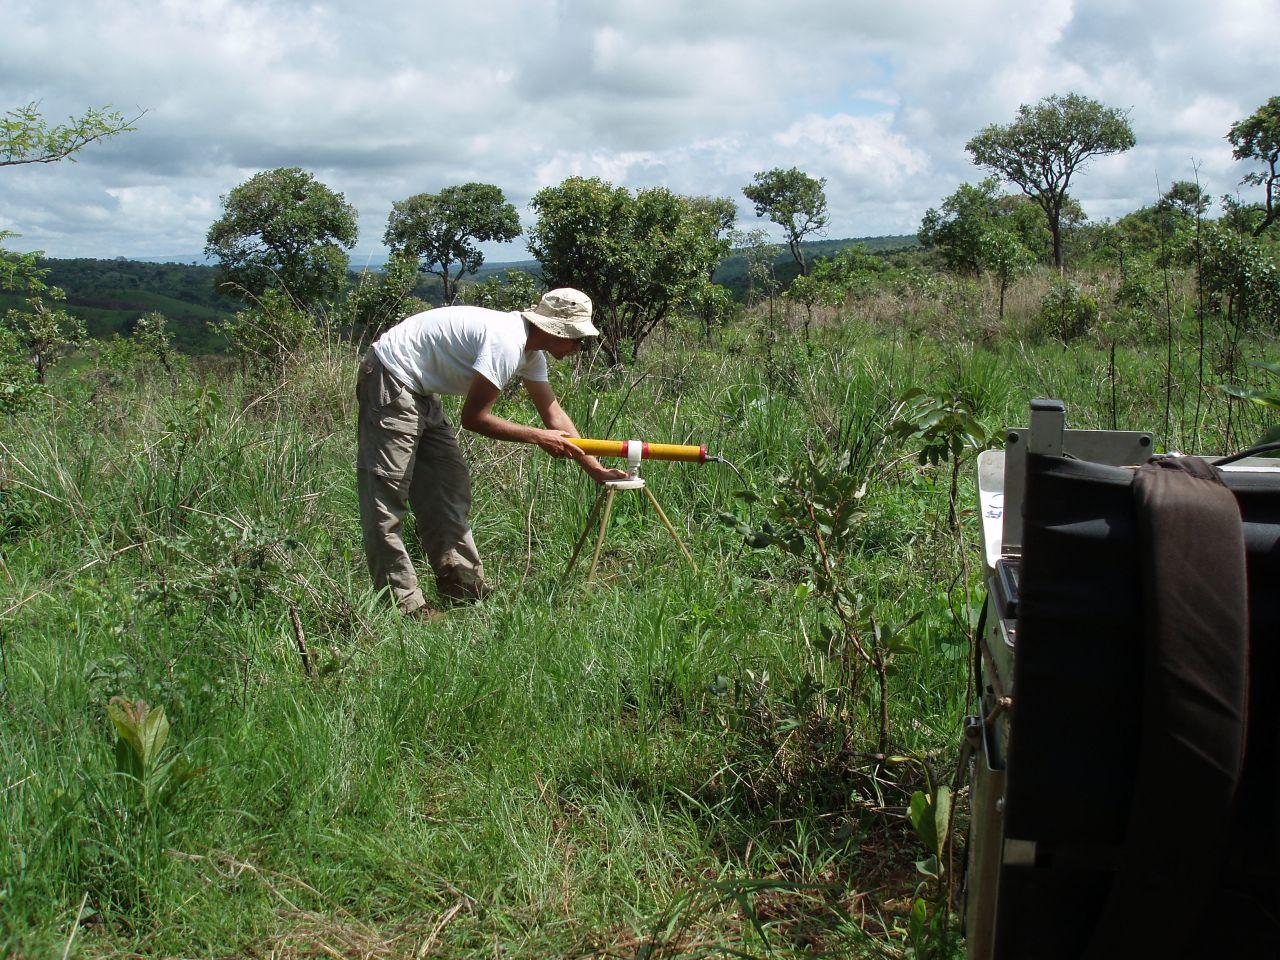 Field work in Tanzania 1